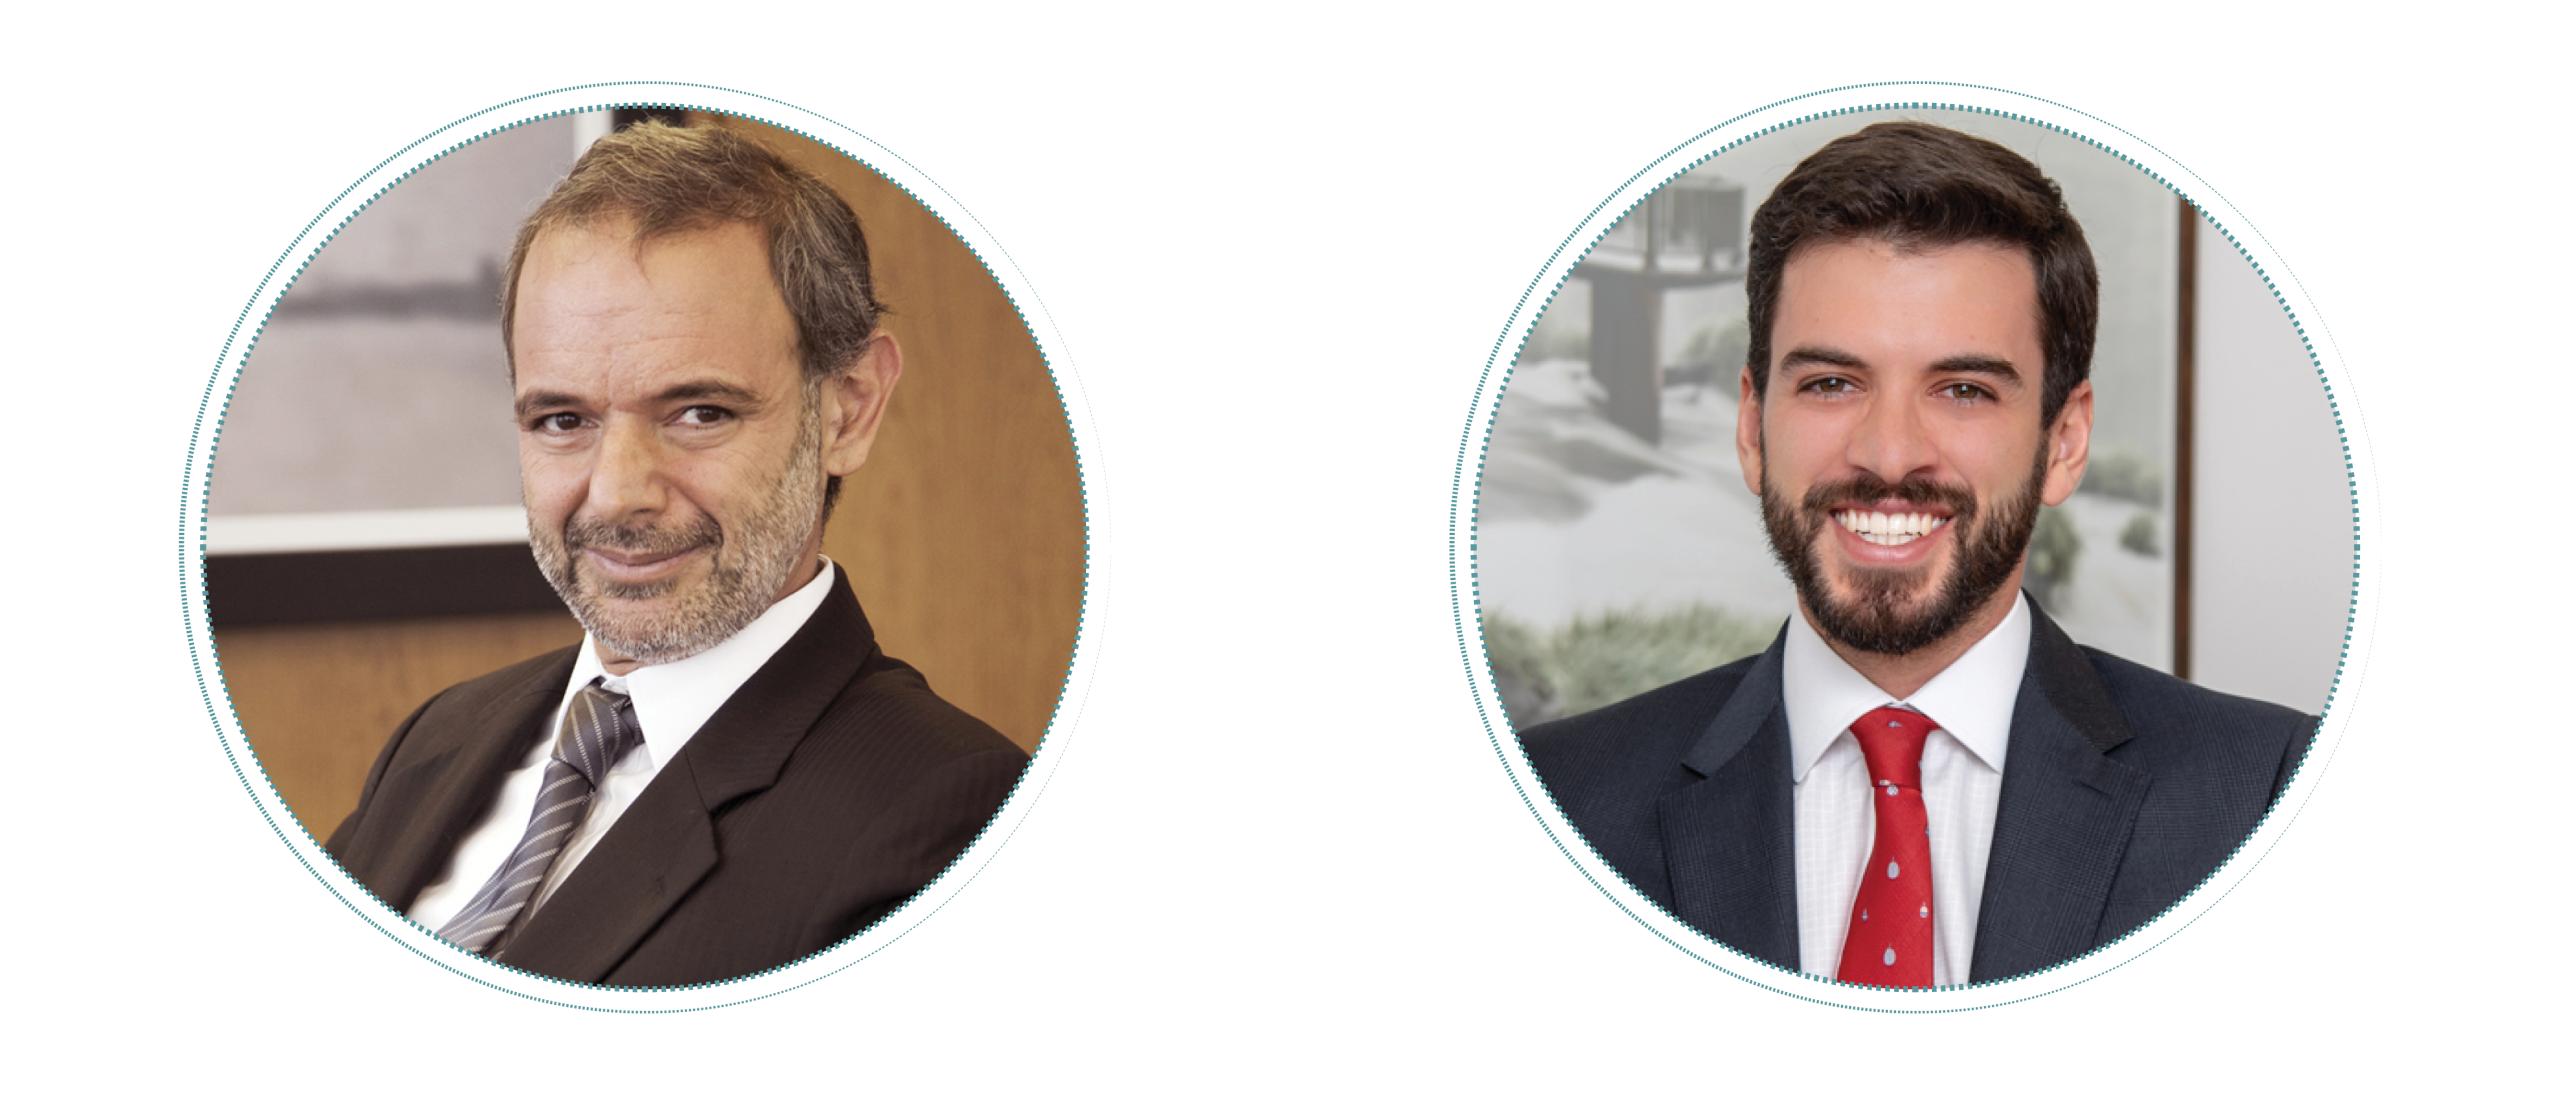 Luís Eduardo Schoueri e Pedro Guilherme Lindenberg Schoueri são advogados do escritórioLacaz Martins